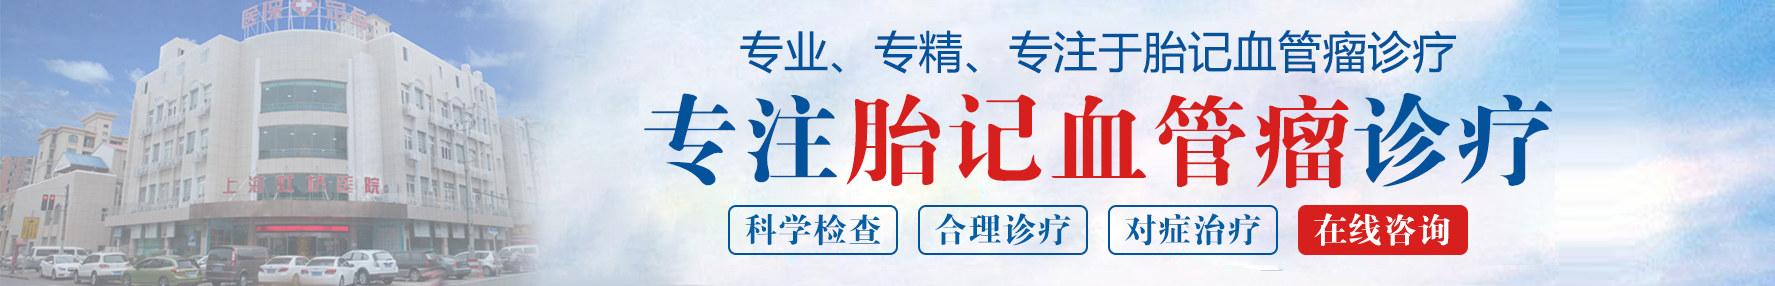 上海胎记医院费用贵么